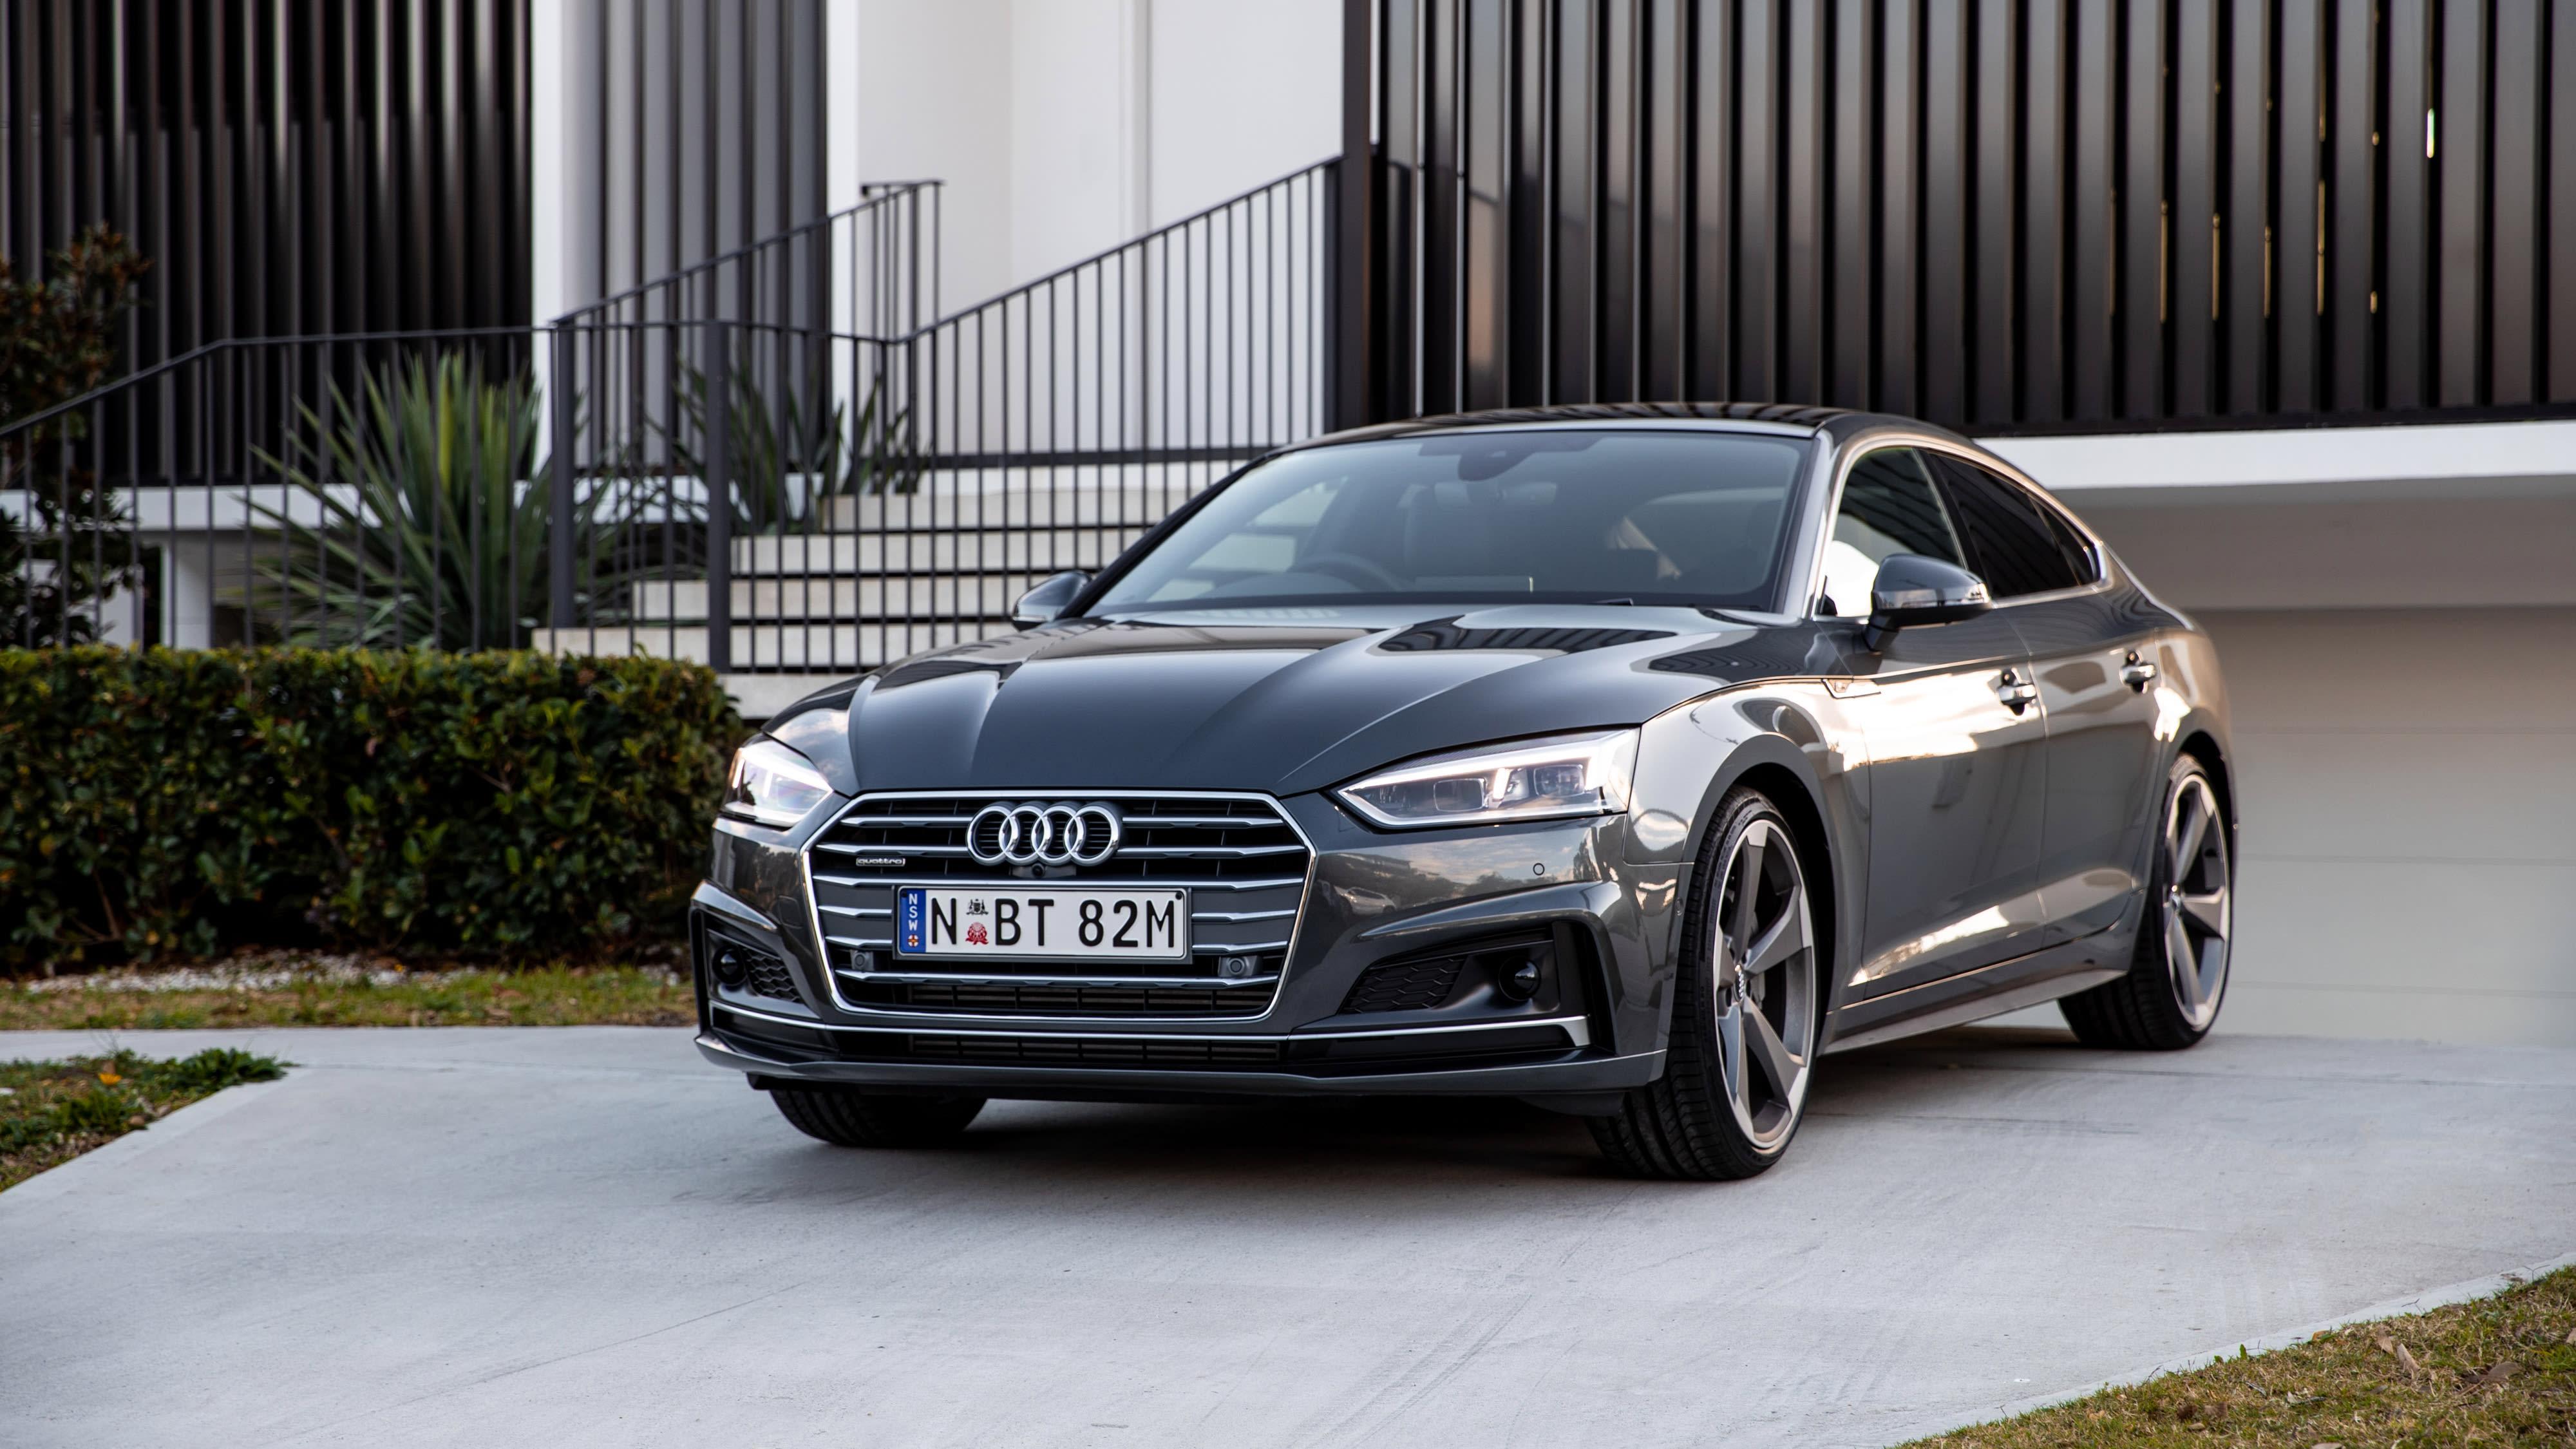 Kelebihan Kekurangan Audi A5 2019 Spesifikasi